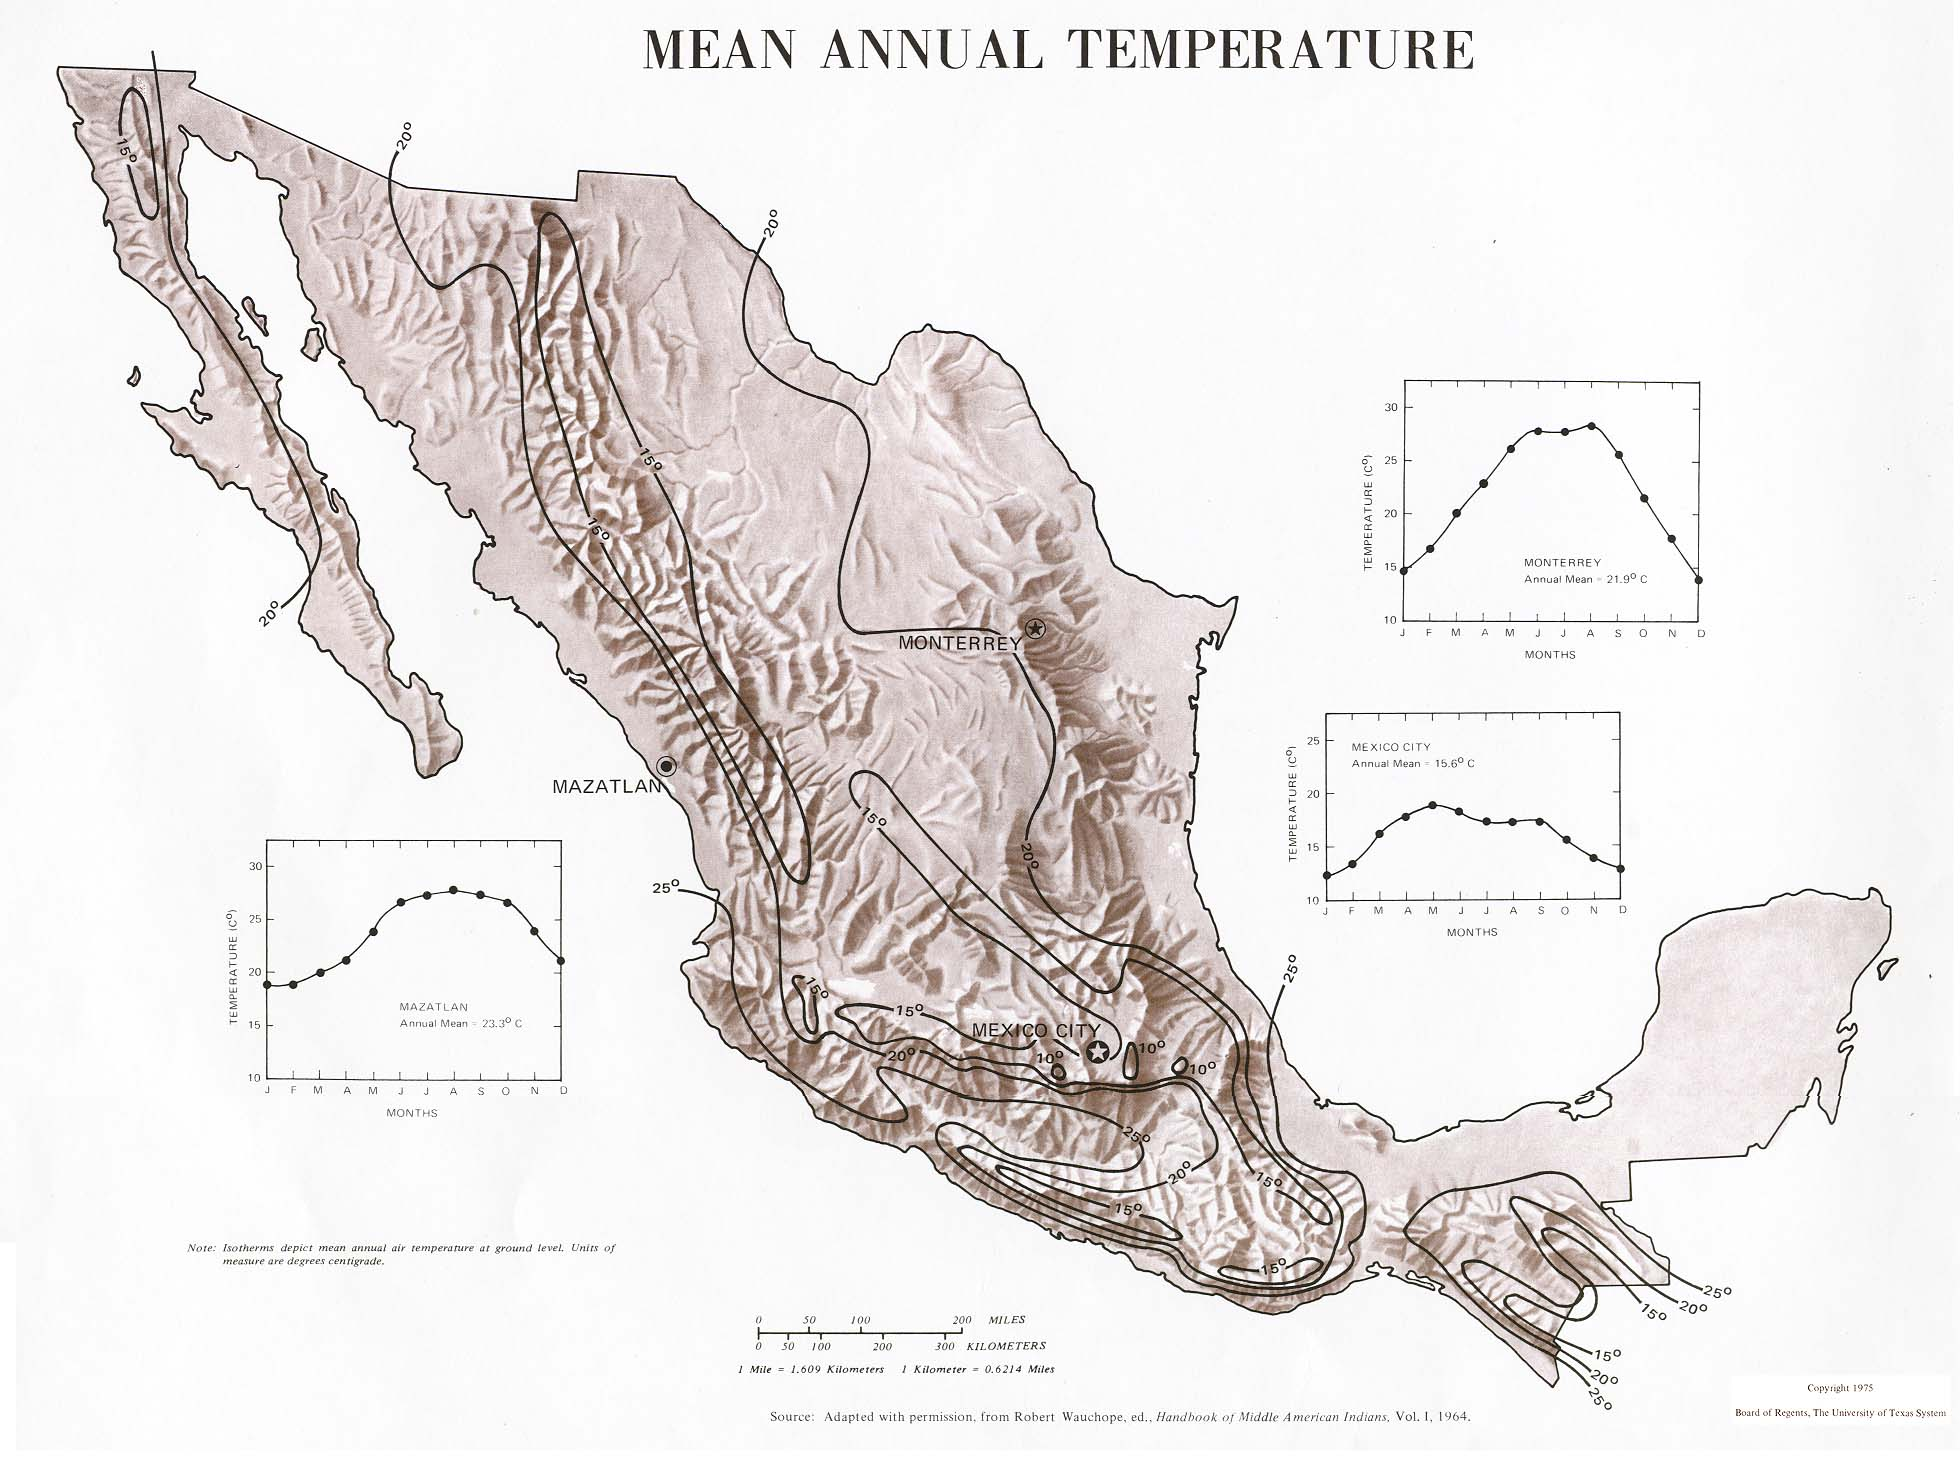 Mapa de las Temperaturas Medias Anuales, México